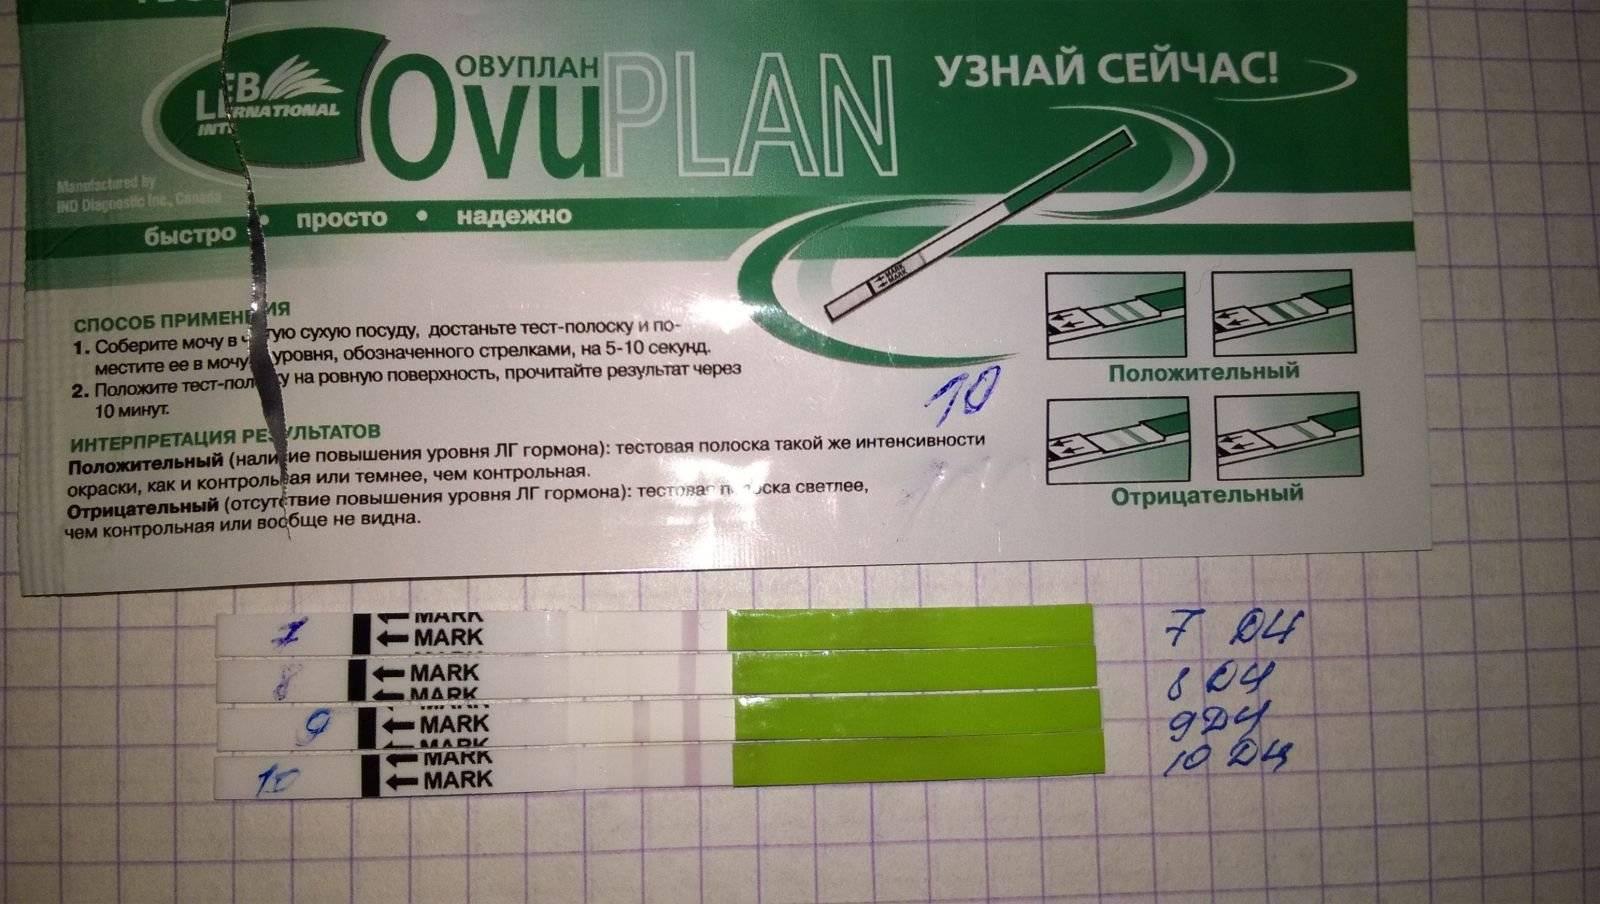 Описание теста на овуляцию eviplan: пошаговое руководство